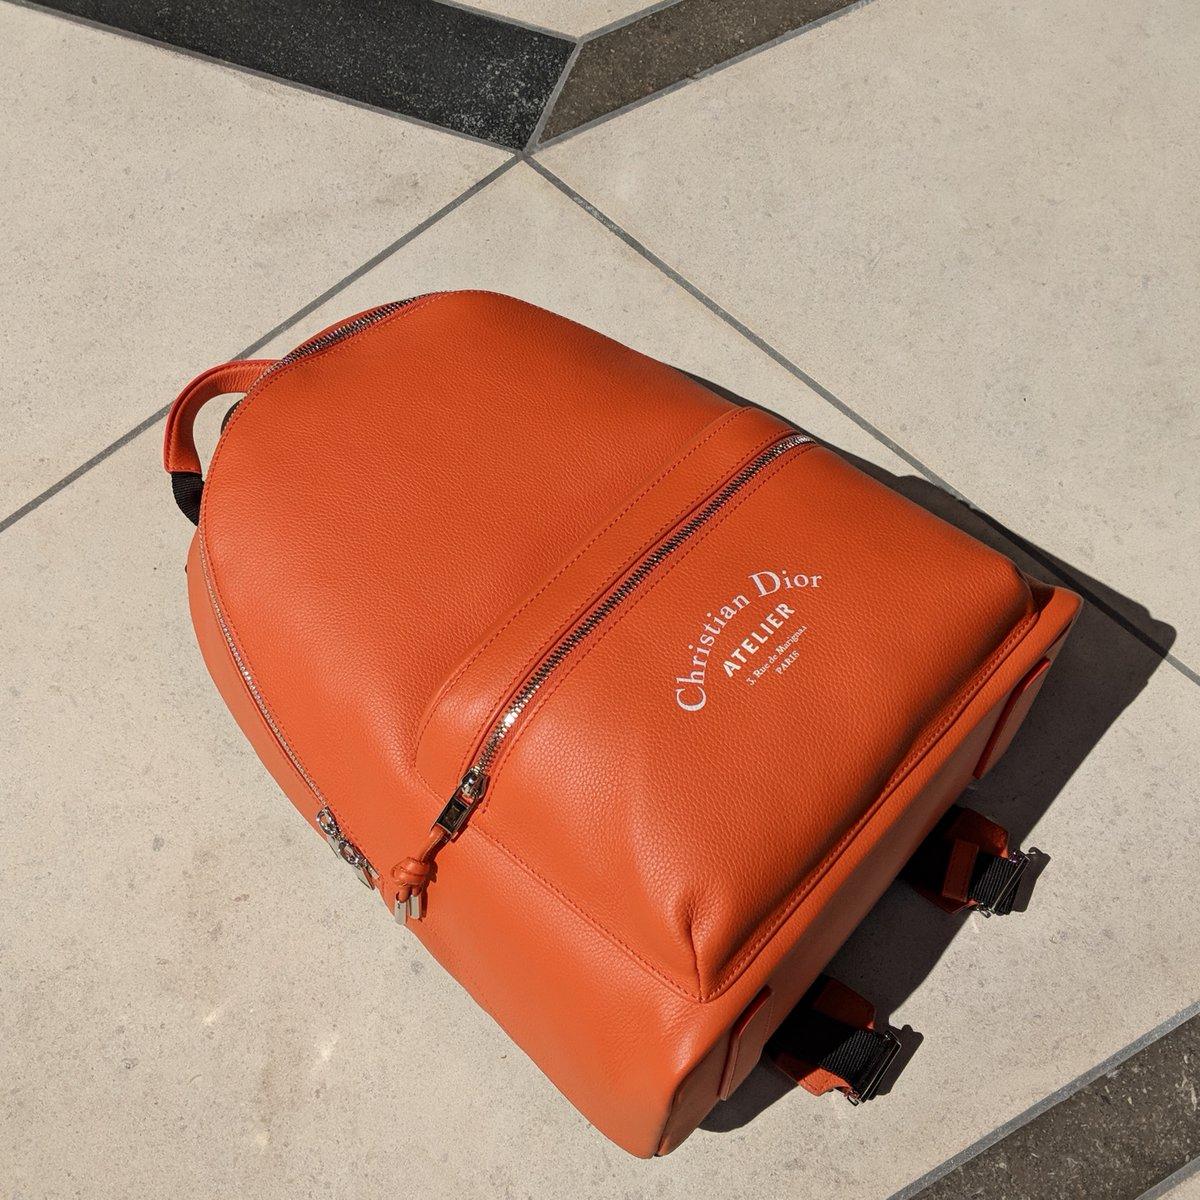 Selfridges On Twitter We Re Back Backpacks Selfridgesman Dior Homme Accessories Now At Selfridgeslondon